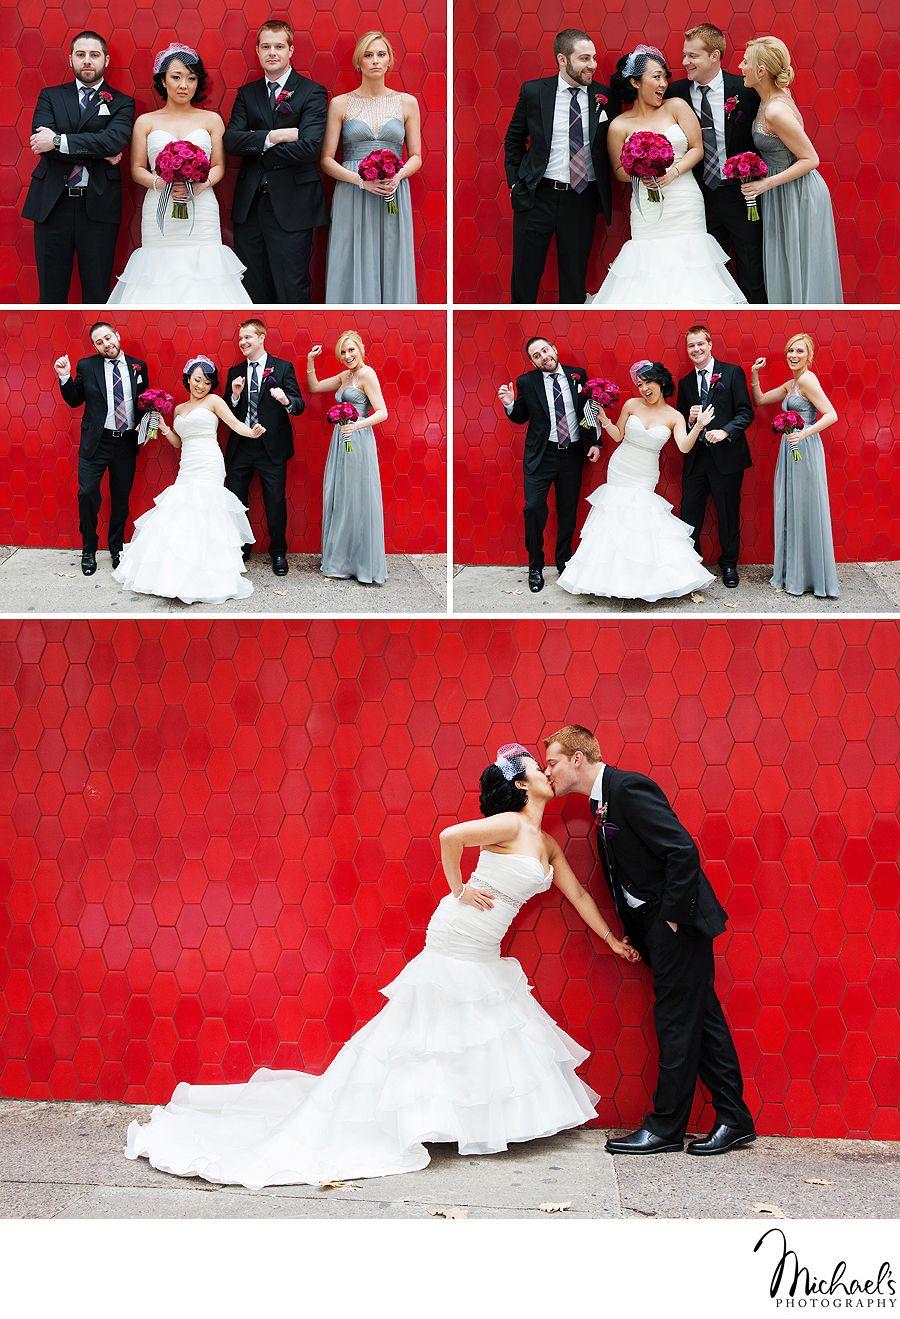 Grappige trouwfoto's. Het koppeltjes staat voor een spetterend rode wand.  (Photos by Michael's Photography )